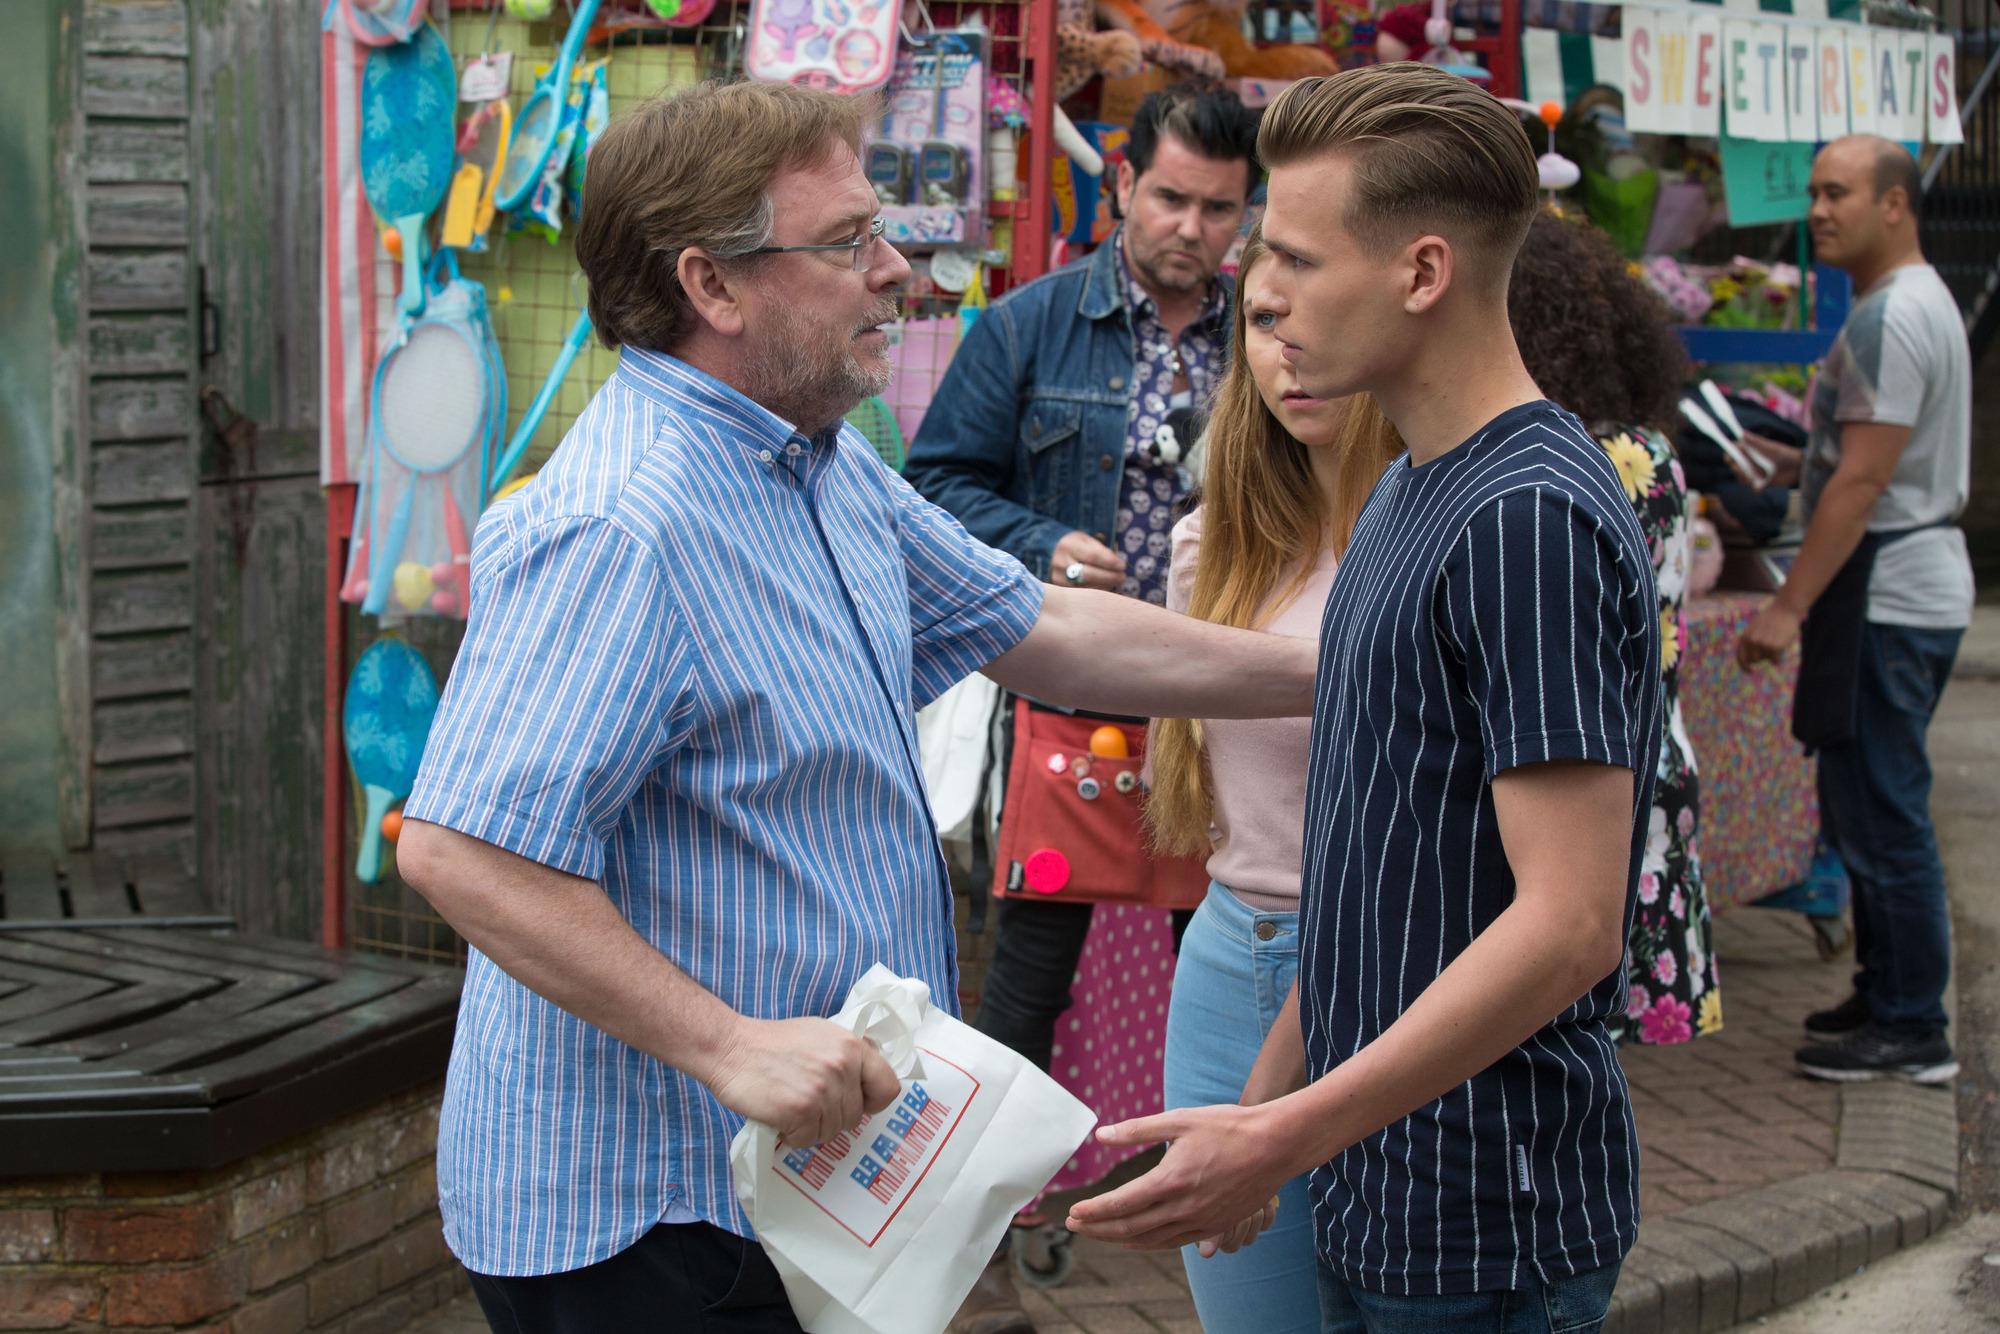 EastEnders spoilers: Hunter Owen manipulates Ian Beale